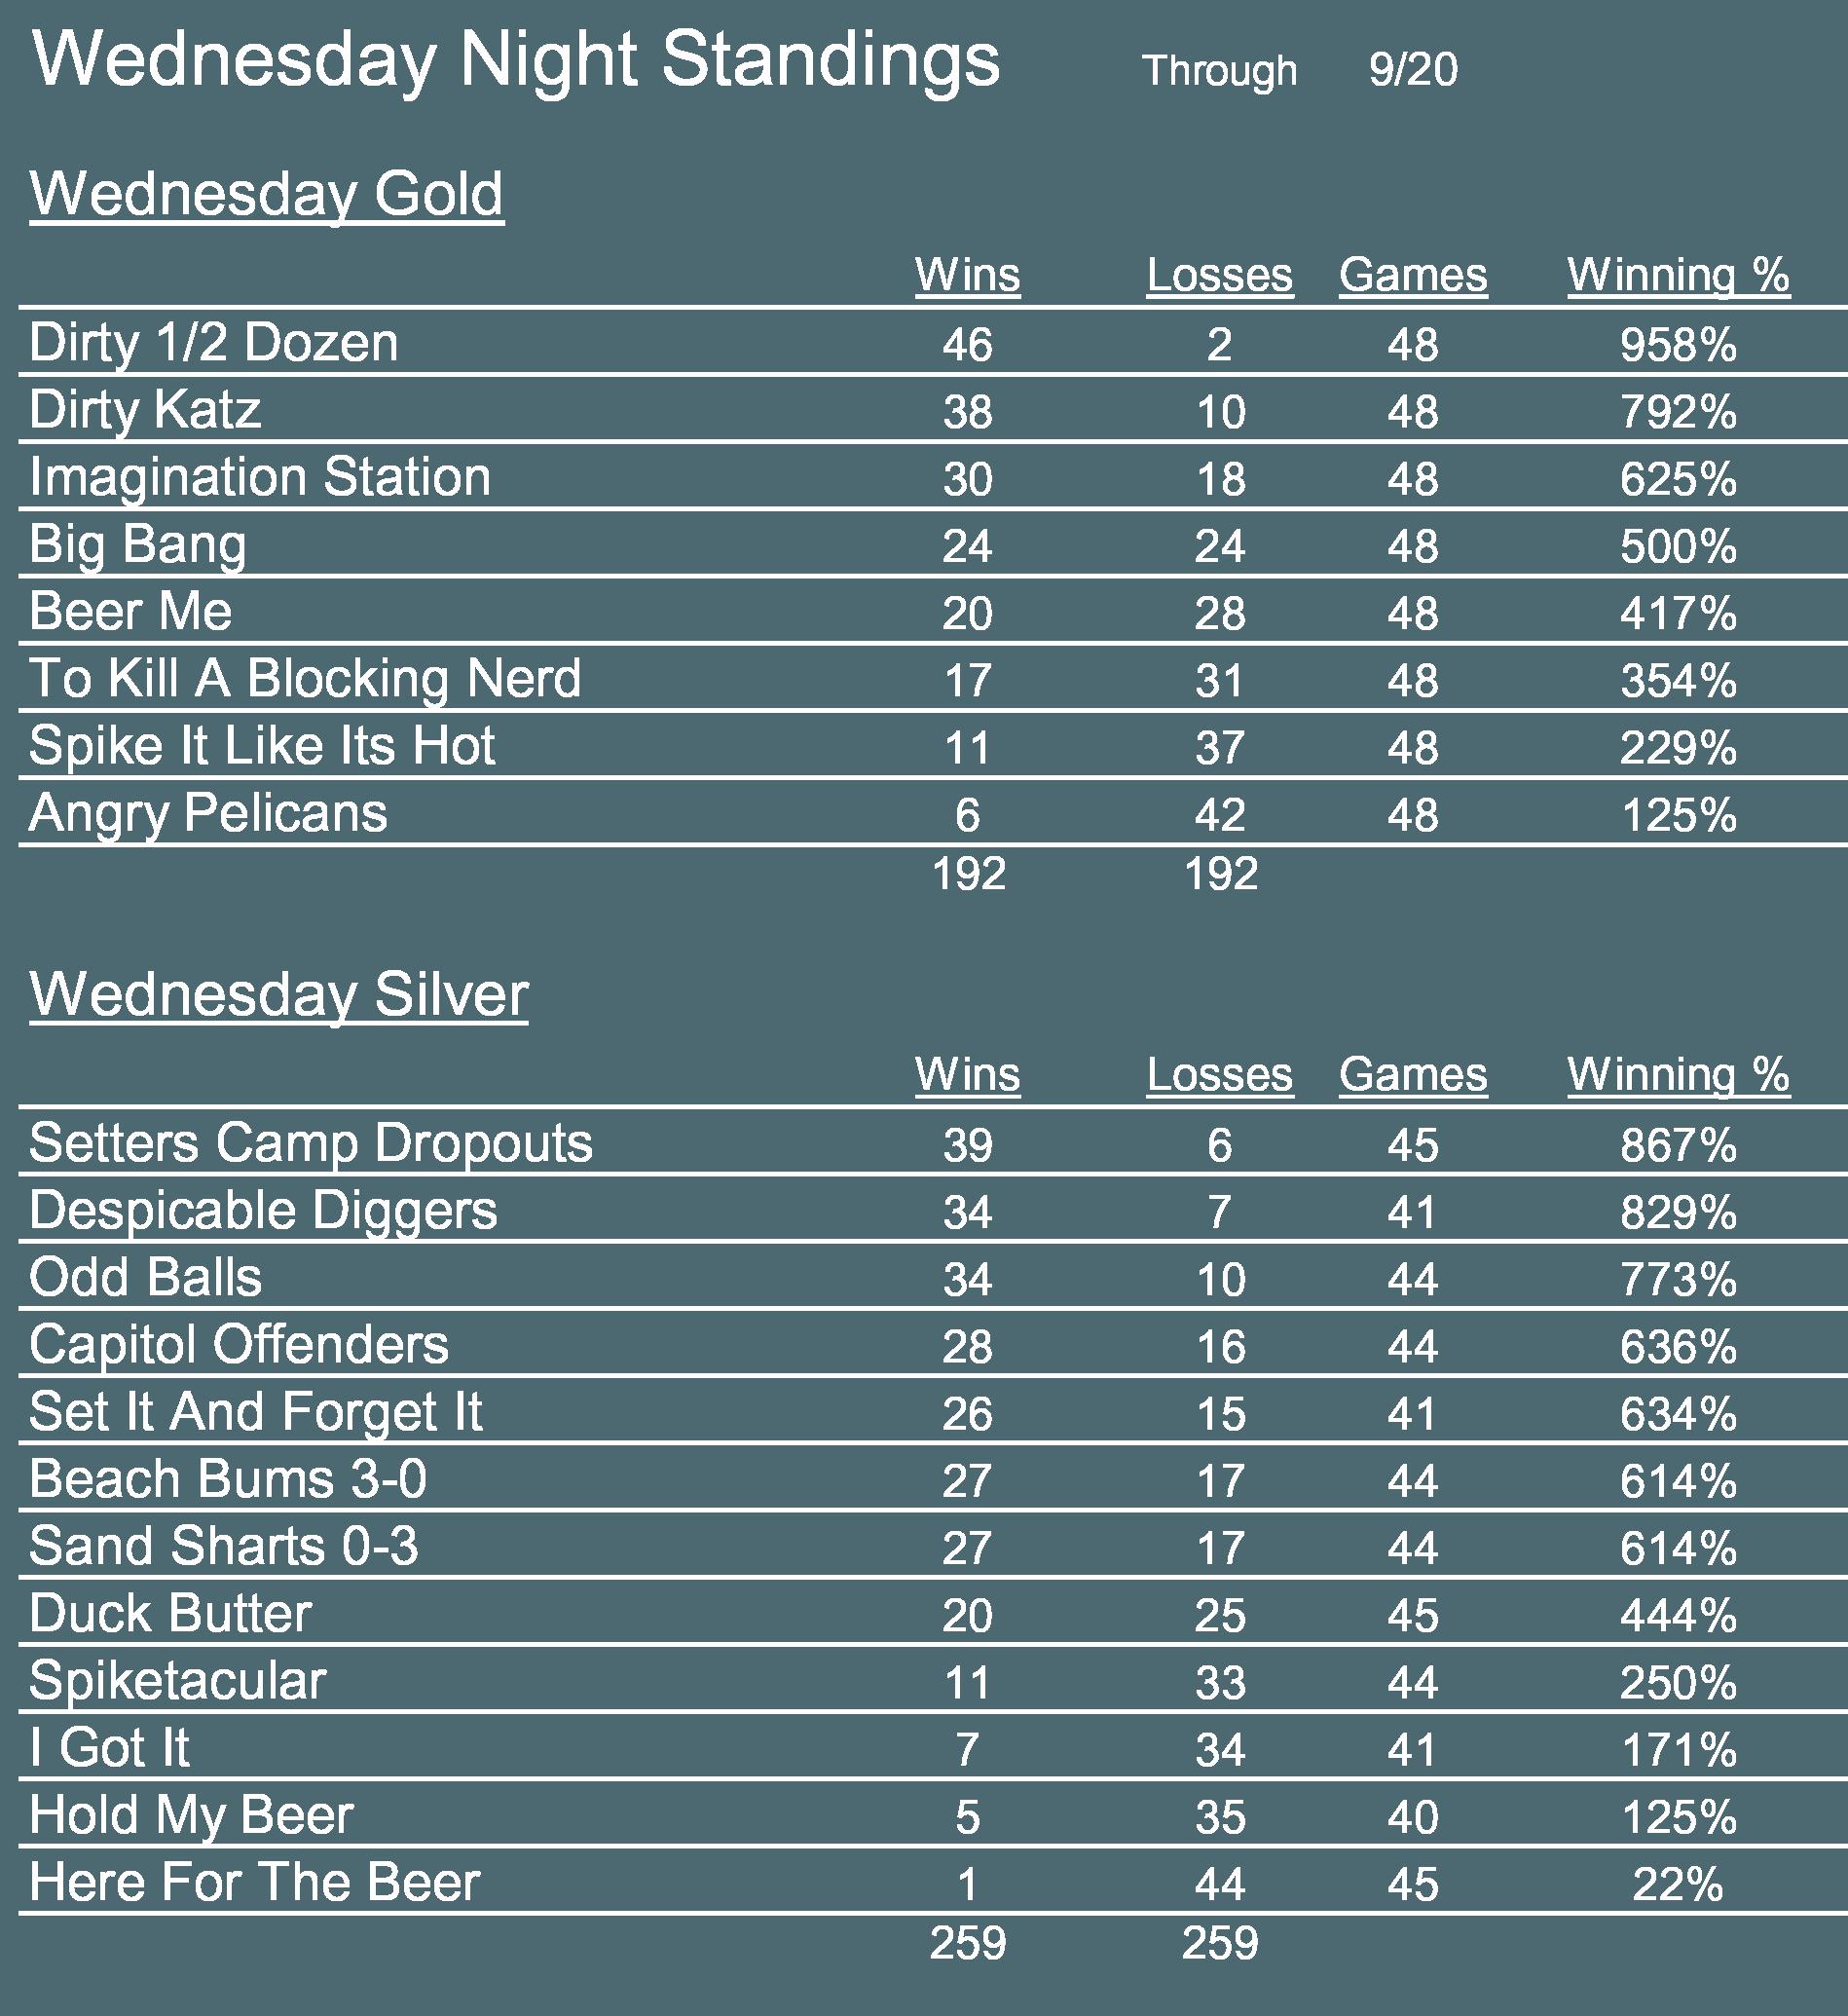 Wednesday night standings